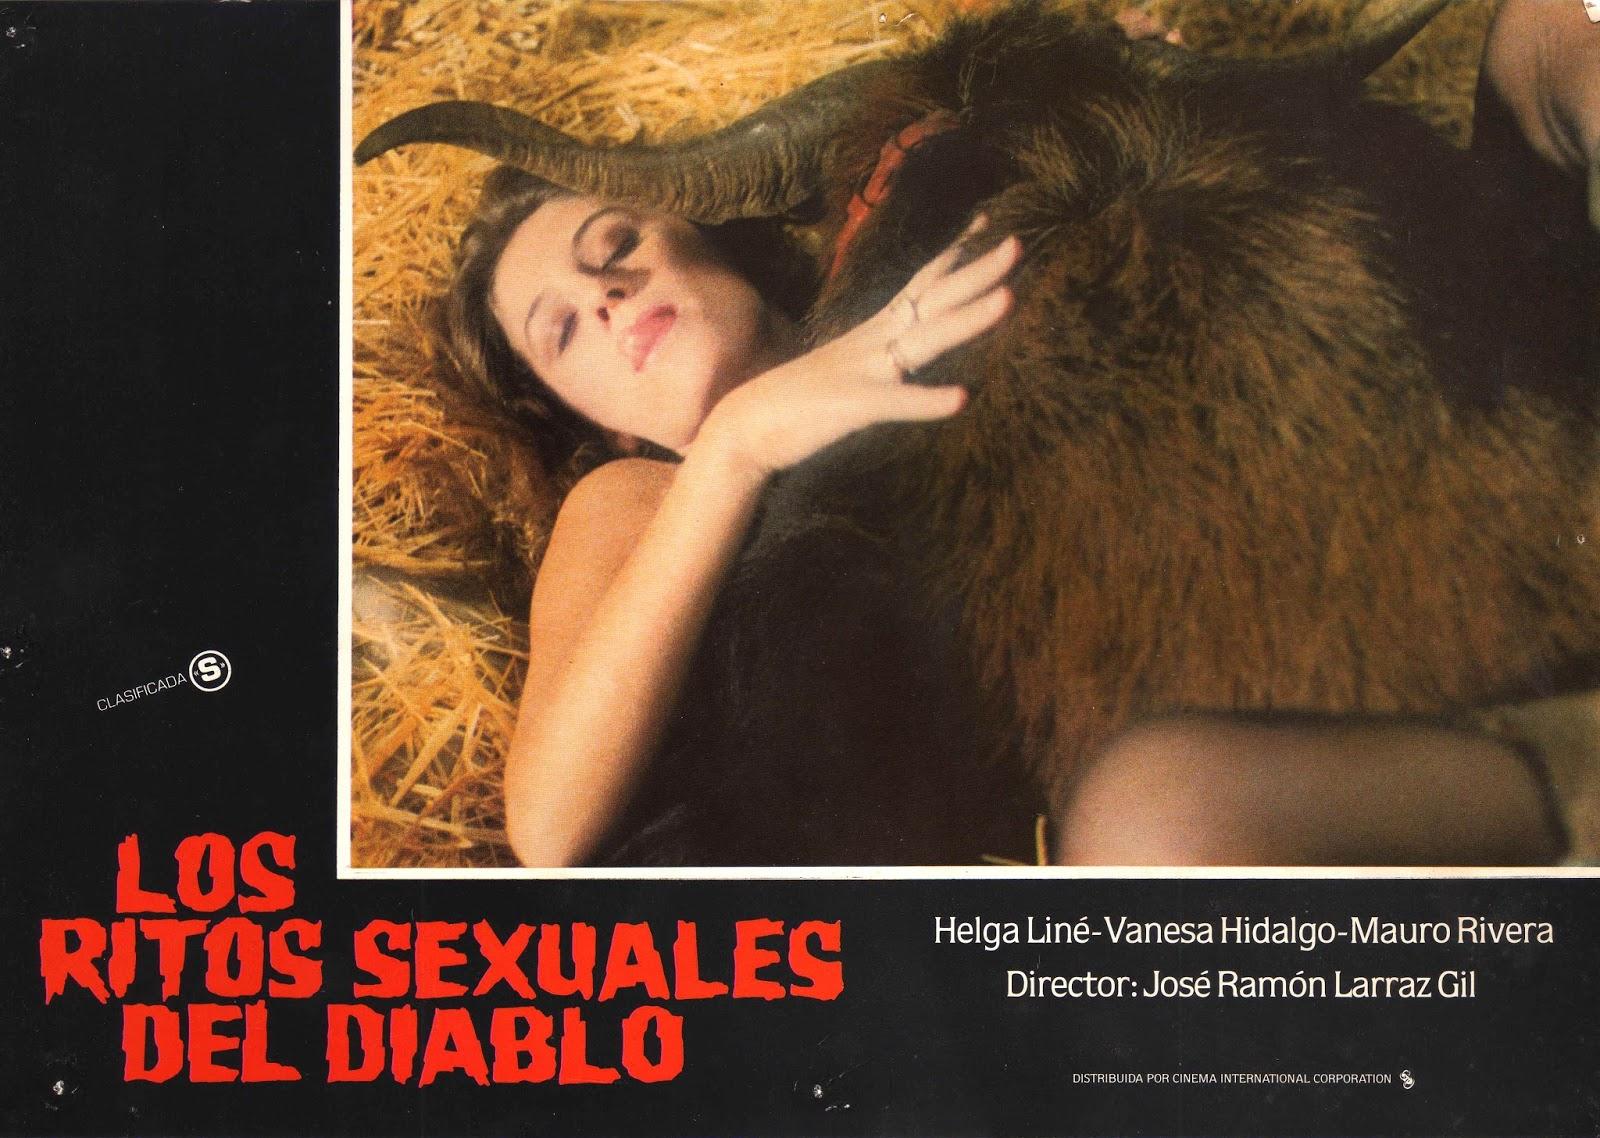 Los ritos sexuales del diablo 1982 Online  Película